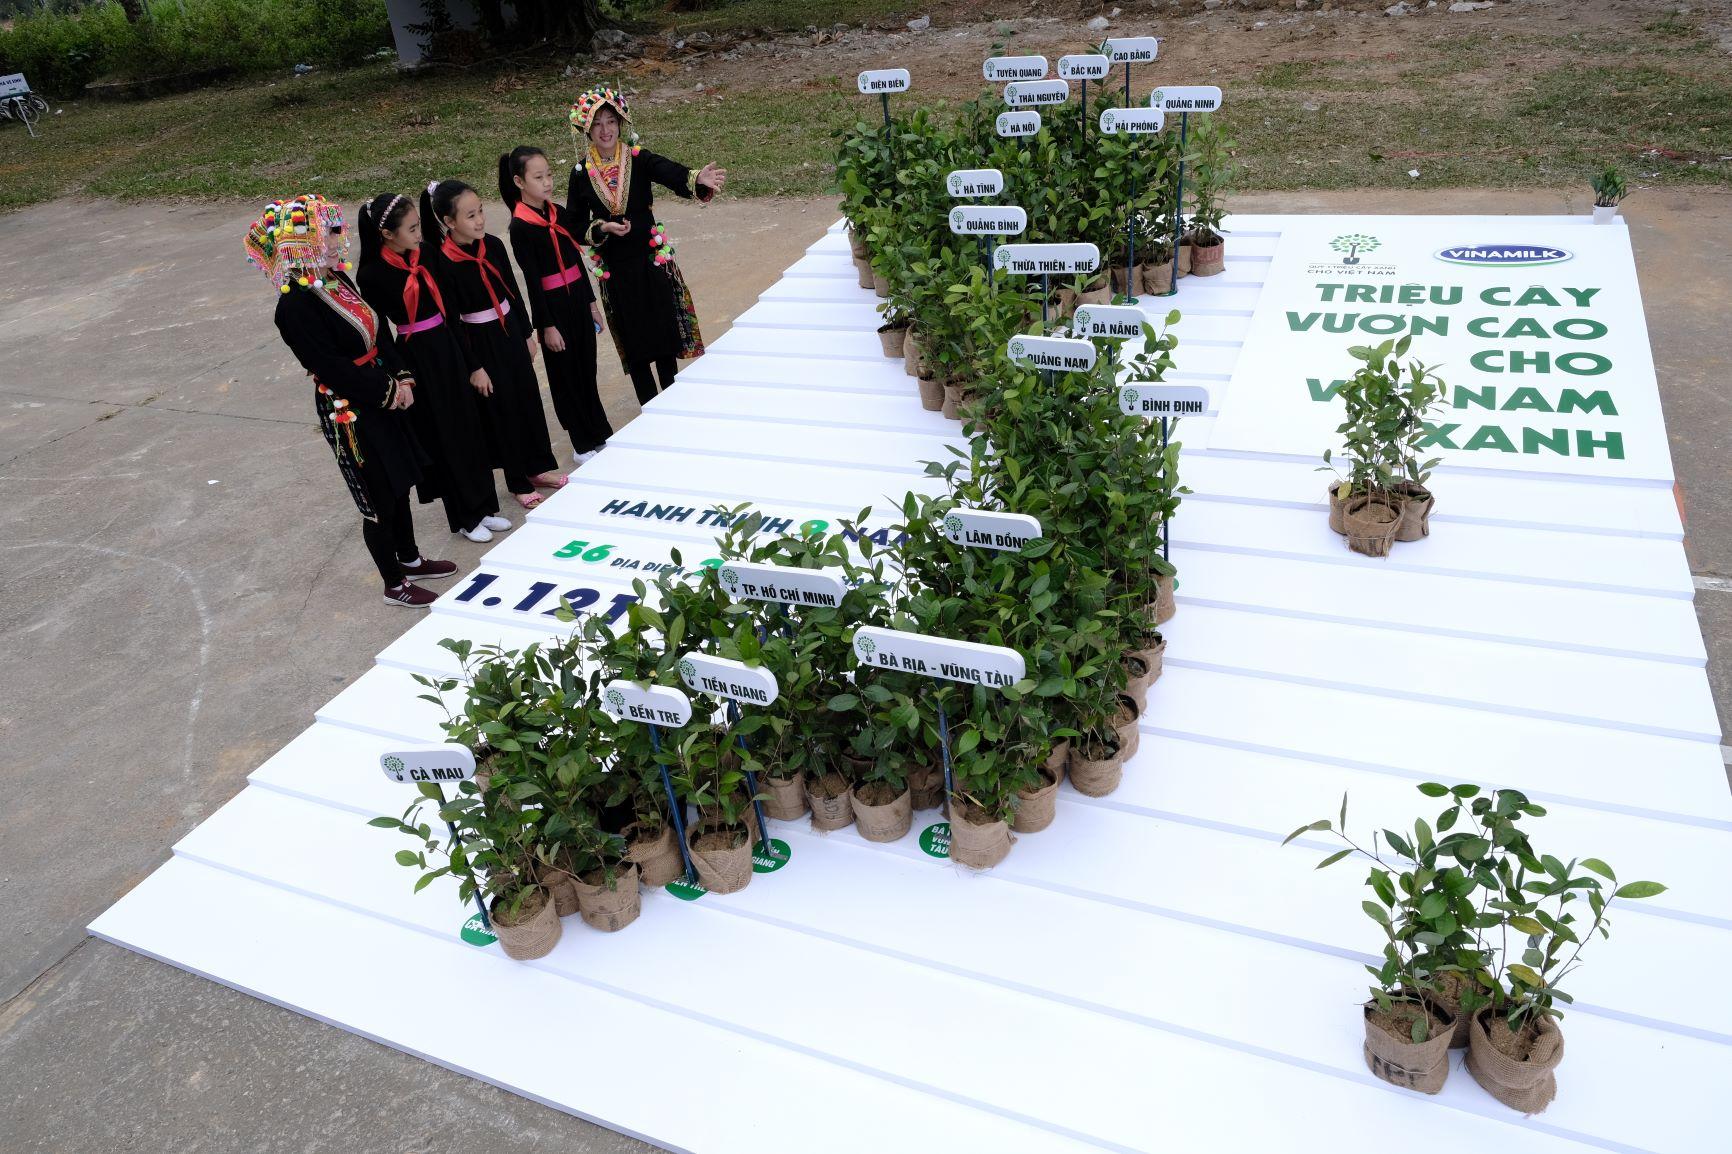 """Quỹ 1 triệu cây xanh cho Việt Nam của Vinamilk - Chương trình vì môi trường tạo được """"dấu ấn xanh"""" đặc biệt với cộng đồng 21"""